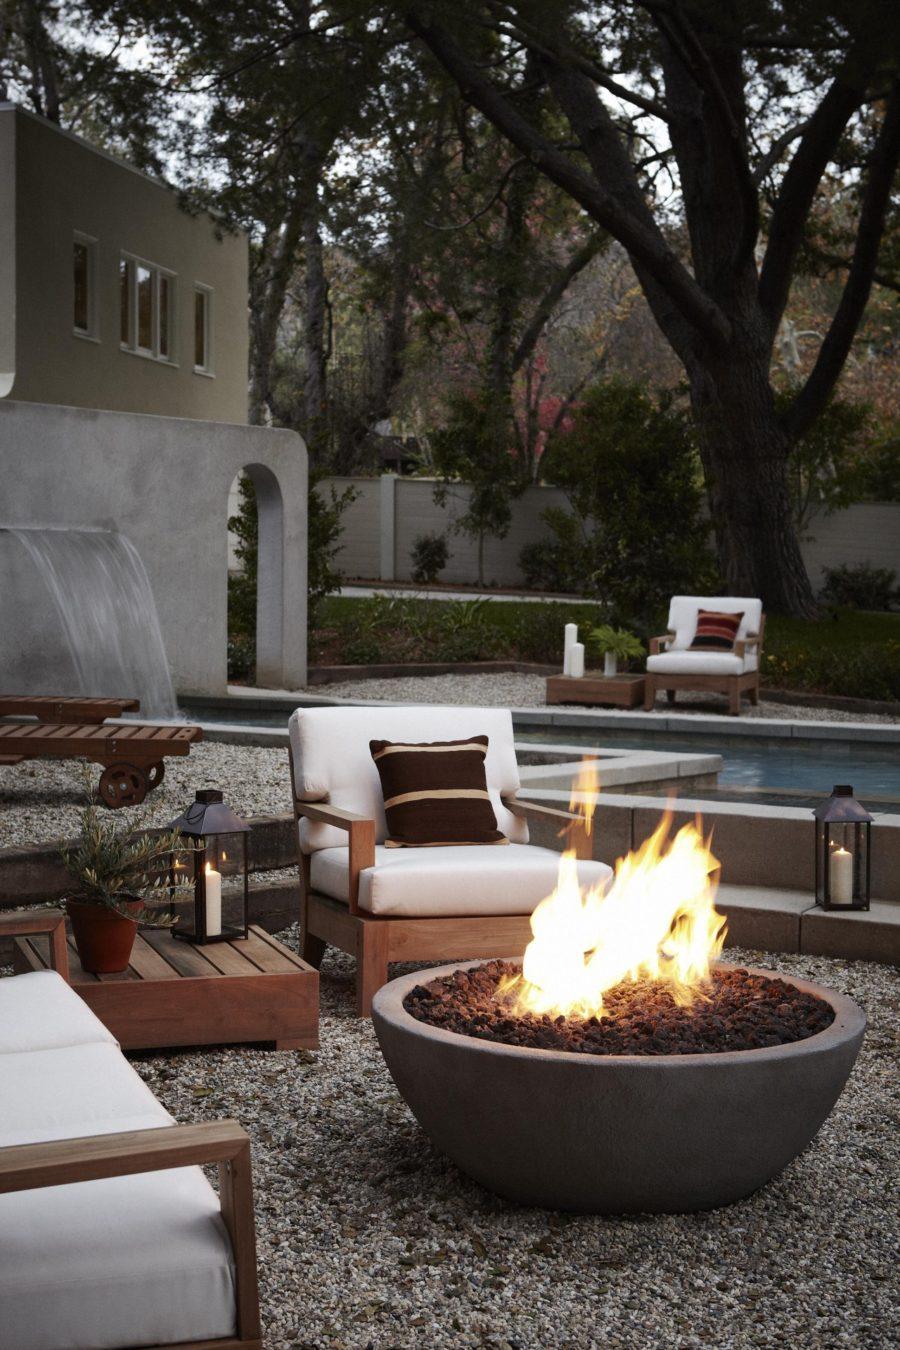 Outdoor design by Simo Design